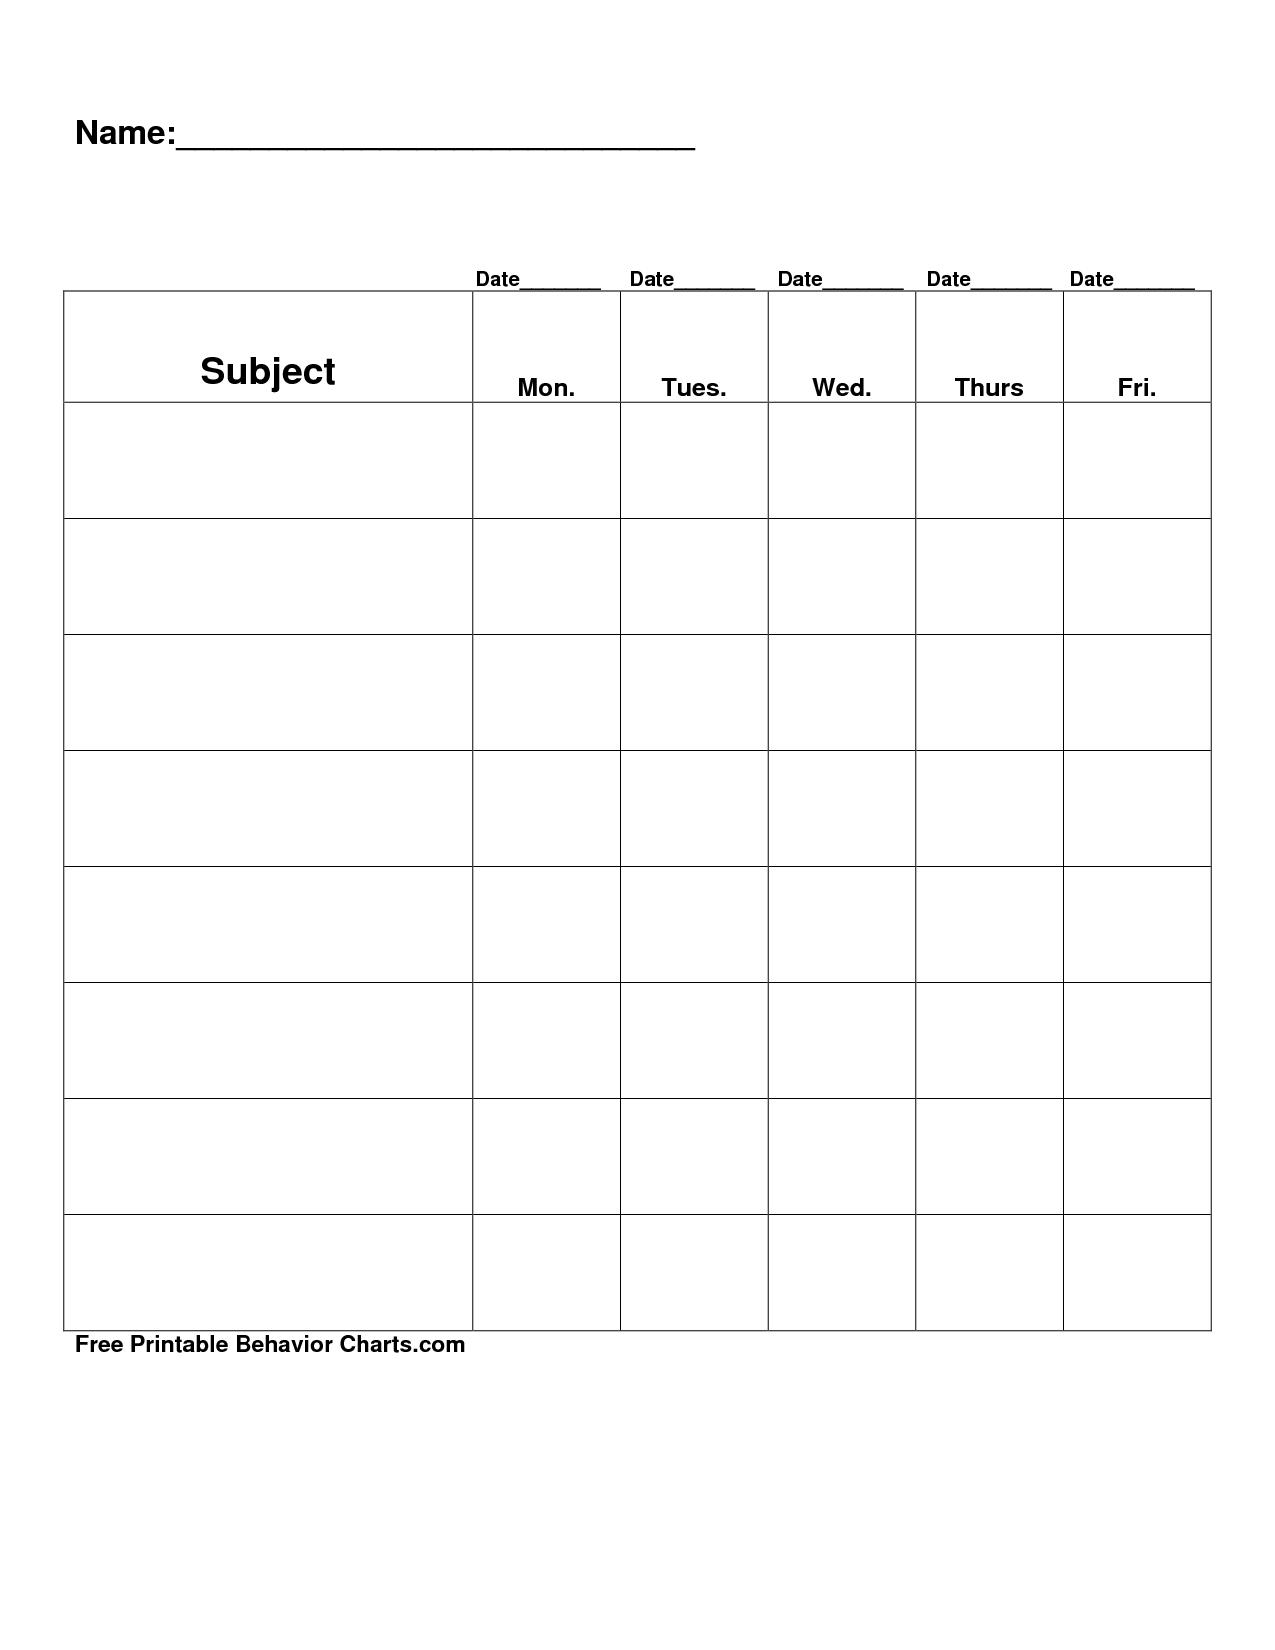 Free Printable Blank Charts | Free Printable Behavior Charts Com - Charts Free Printable